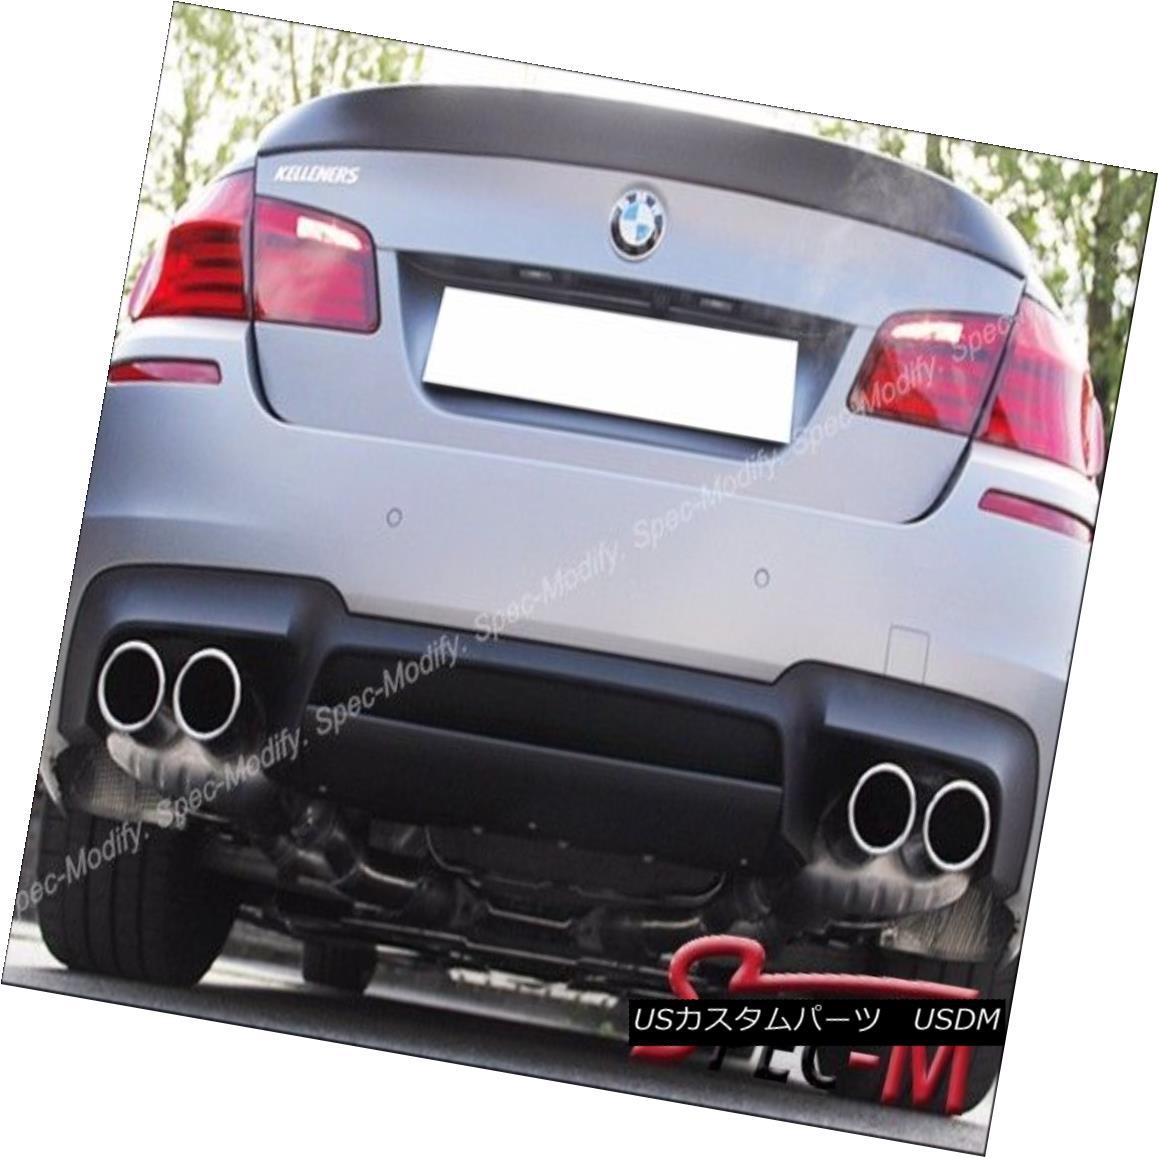 エアロパーツ RZ Style Carbon Fiber Rear Bumper Lip Diffuser for 12-16 BMW F10 M5 Only RZスタイルカーボンファイバーリアバンパーリップディフューザー12-16 BMW F10 M5のみ